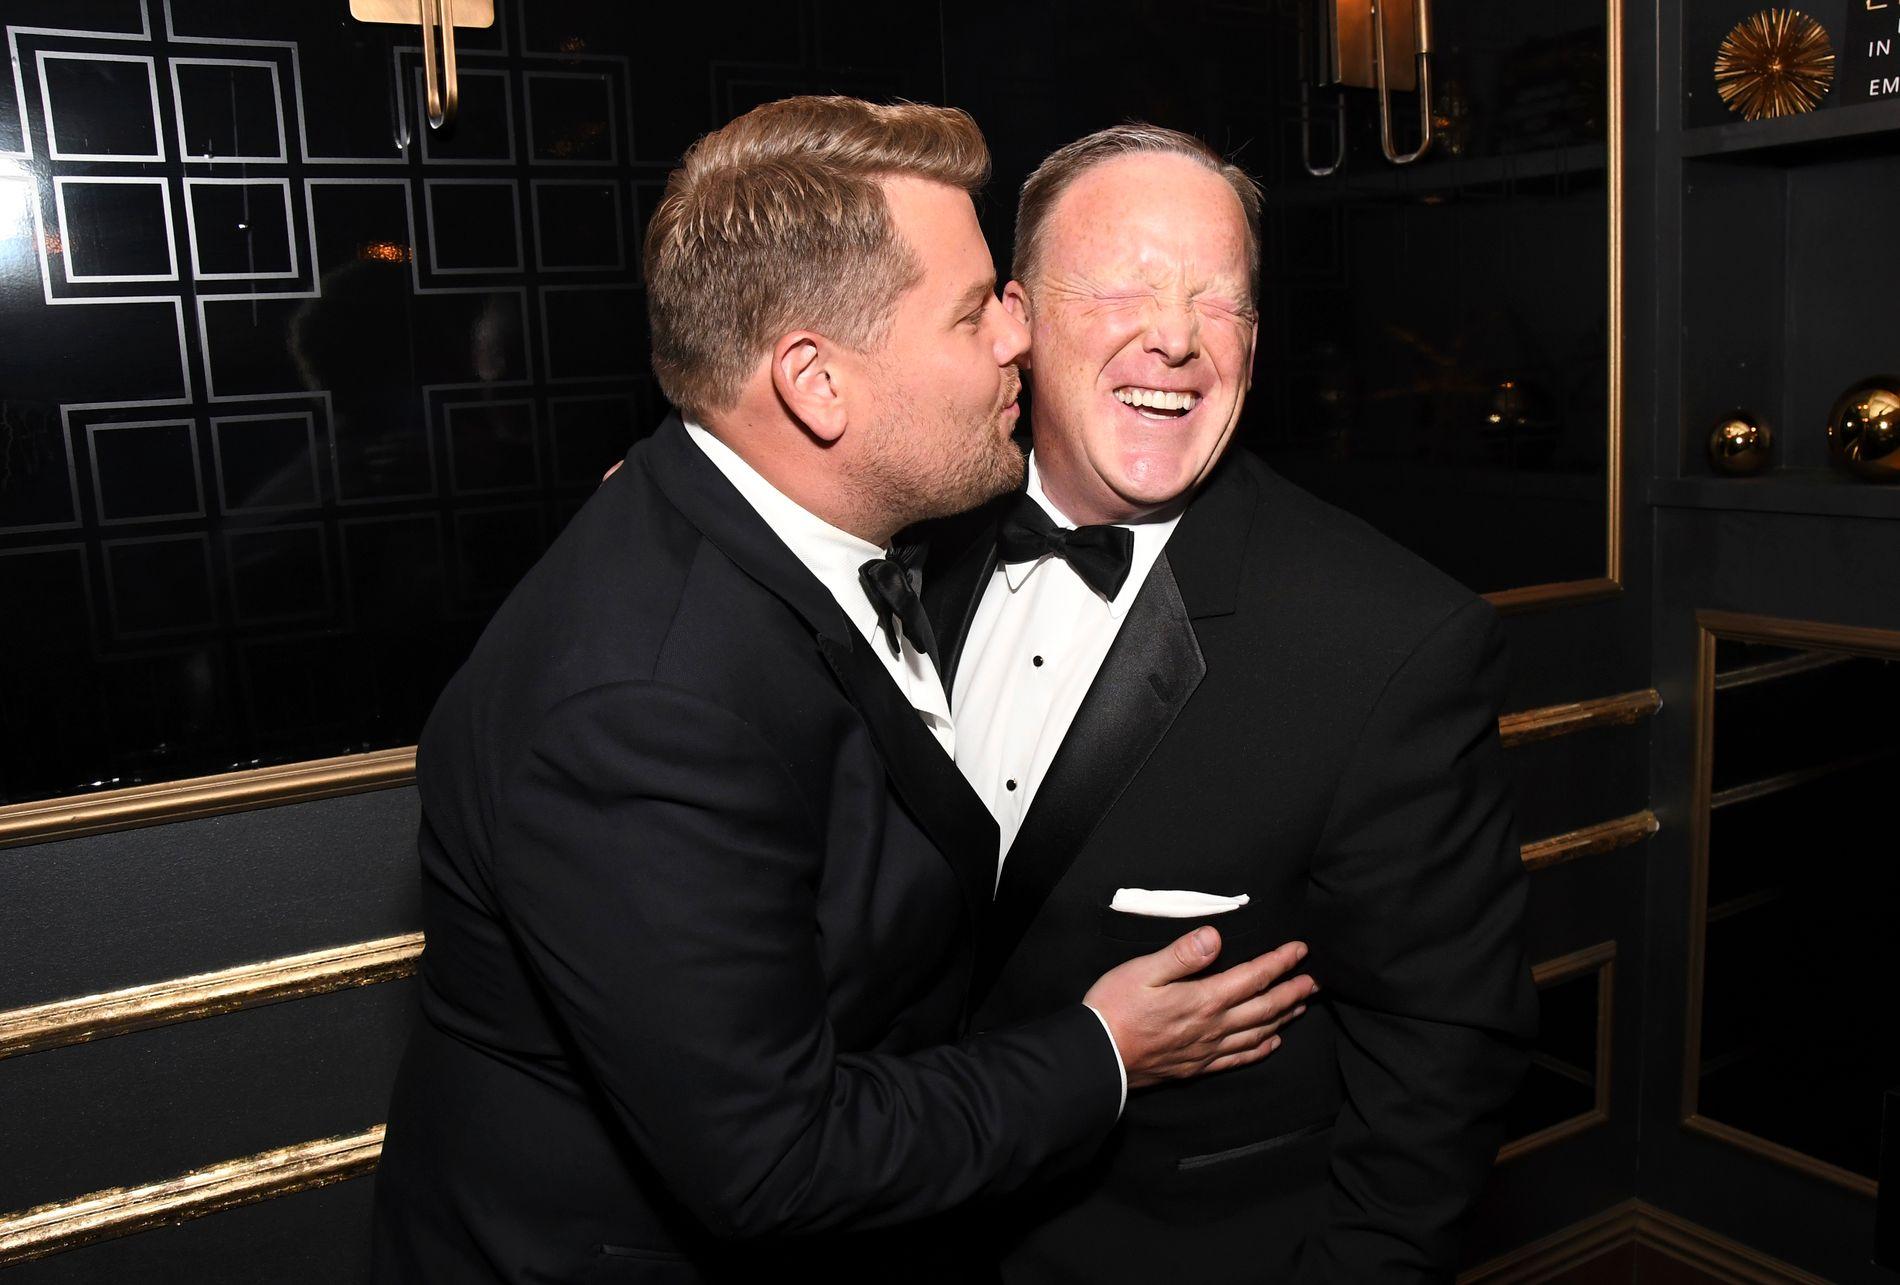 KONTROVERSIELT: James Corden kysset Sean Spicer på kinnet under søndagens Emmy-galla. Bildet, som går verden rundt, skaper bølger.